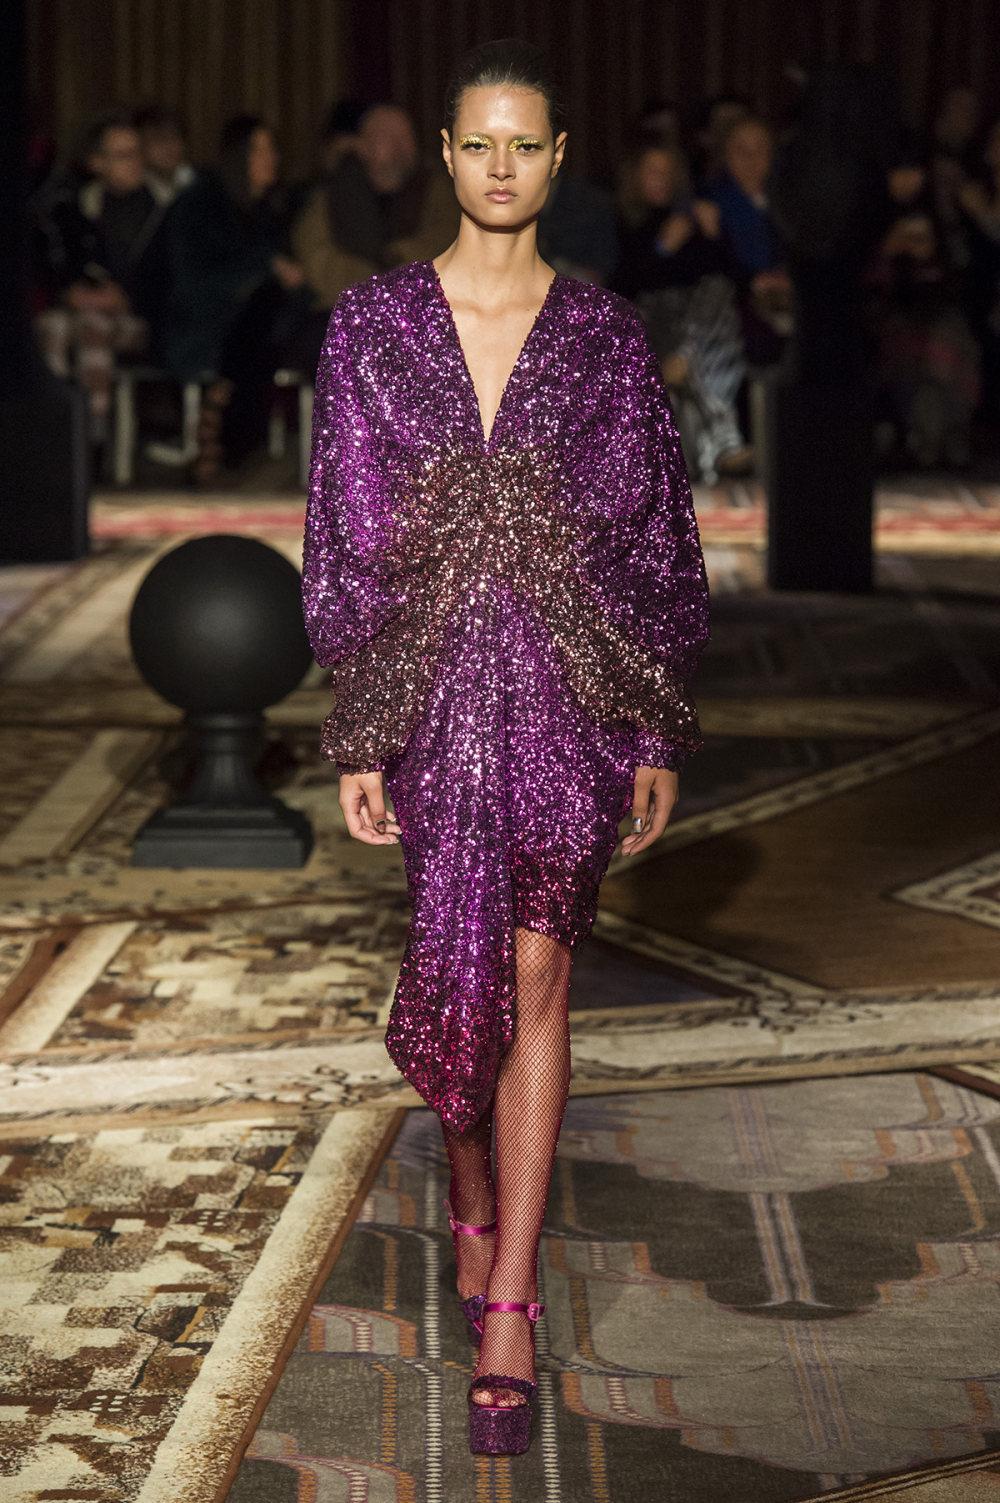 Halpern时装系列将幻想印花应用于宽大的缎面外套展示垂褶技巧-16.jpg